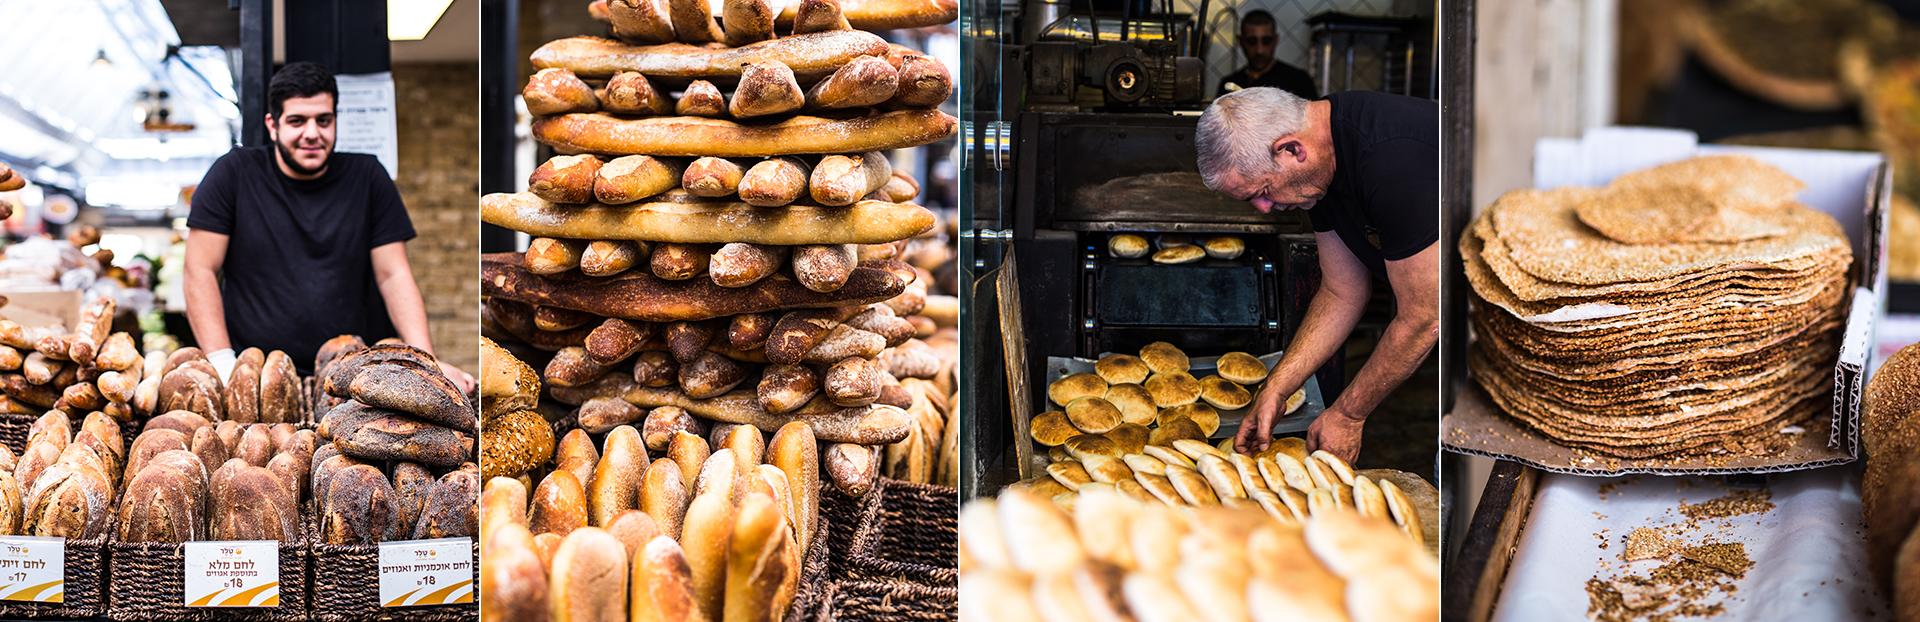 Baecker in einer Markthalle in Jerusalem. Verschiedene Brotsorten. Herstellung von Brot